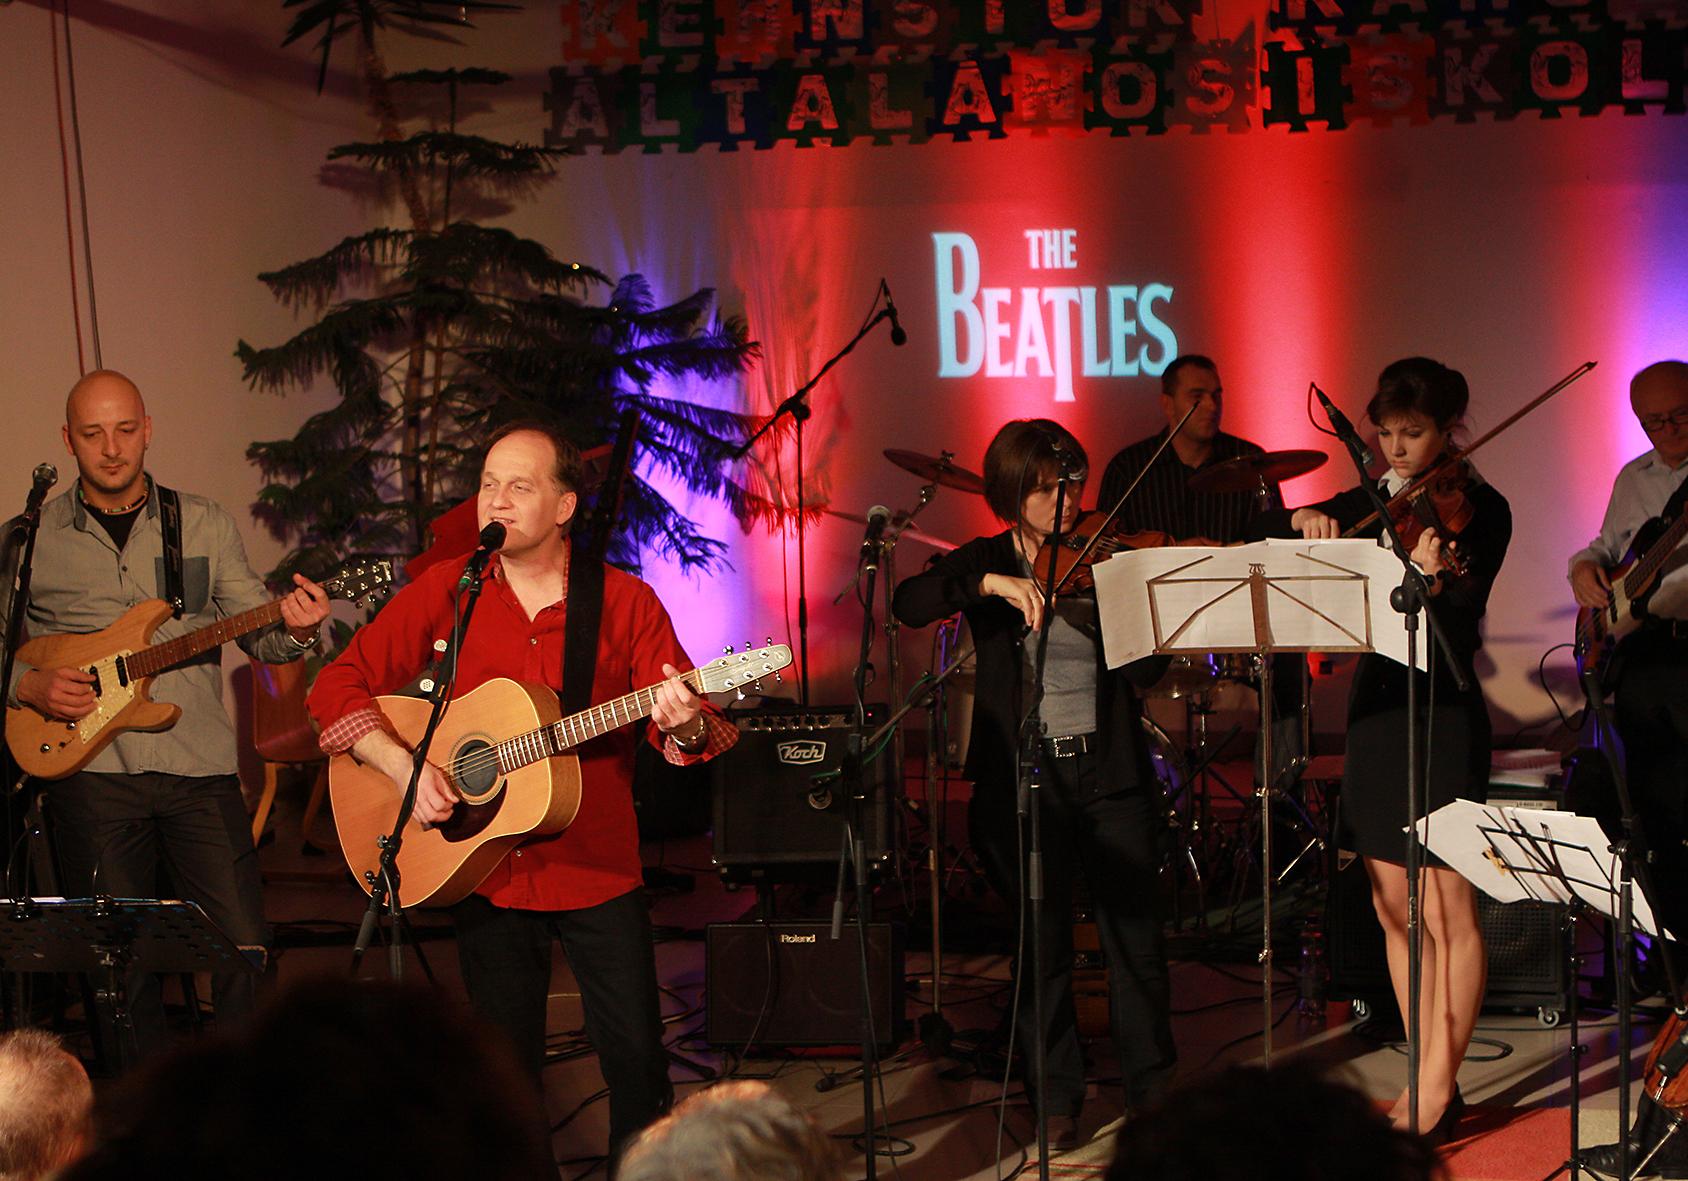 Beatles Emlékkoncert, 2013